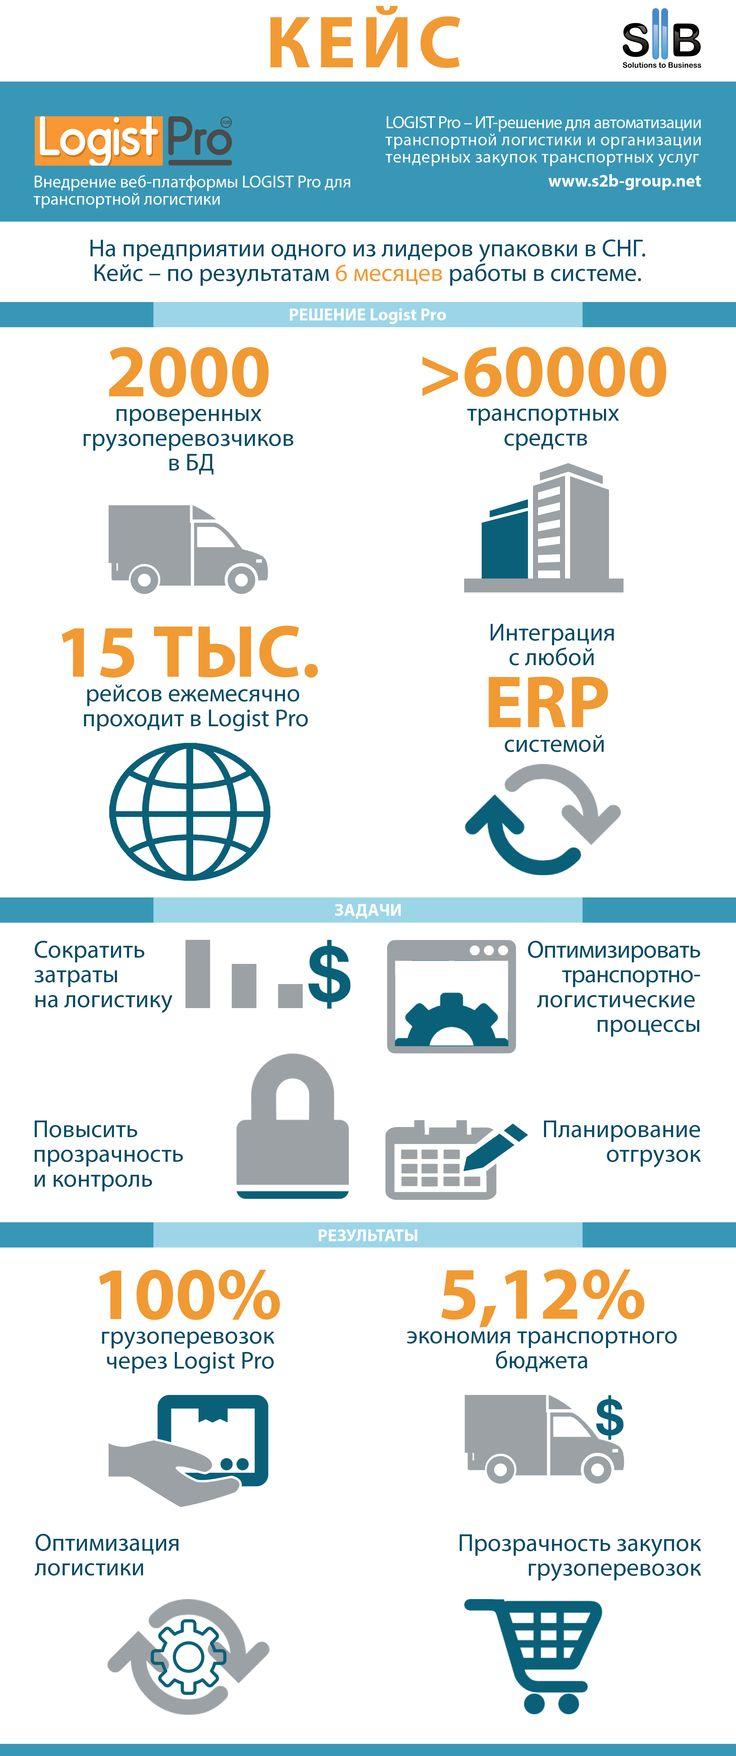 Кейс по автоматизации транспортной логистики одного из лидеров по производству упаковки в СНГ. Внедрение Logist Pro. #logistics #tms #supplychain #logistpro #s2bgroup